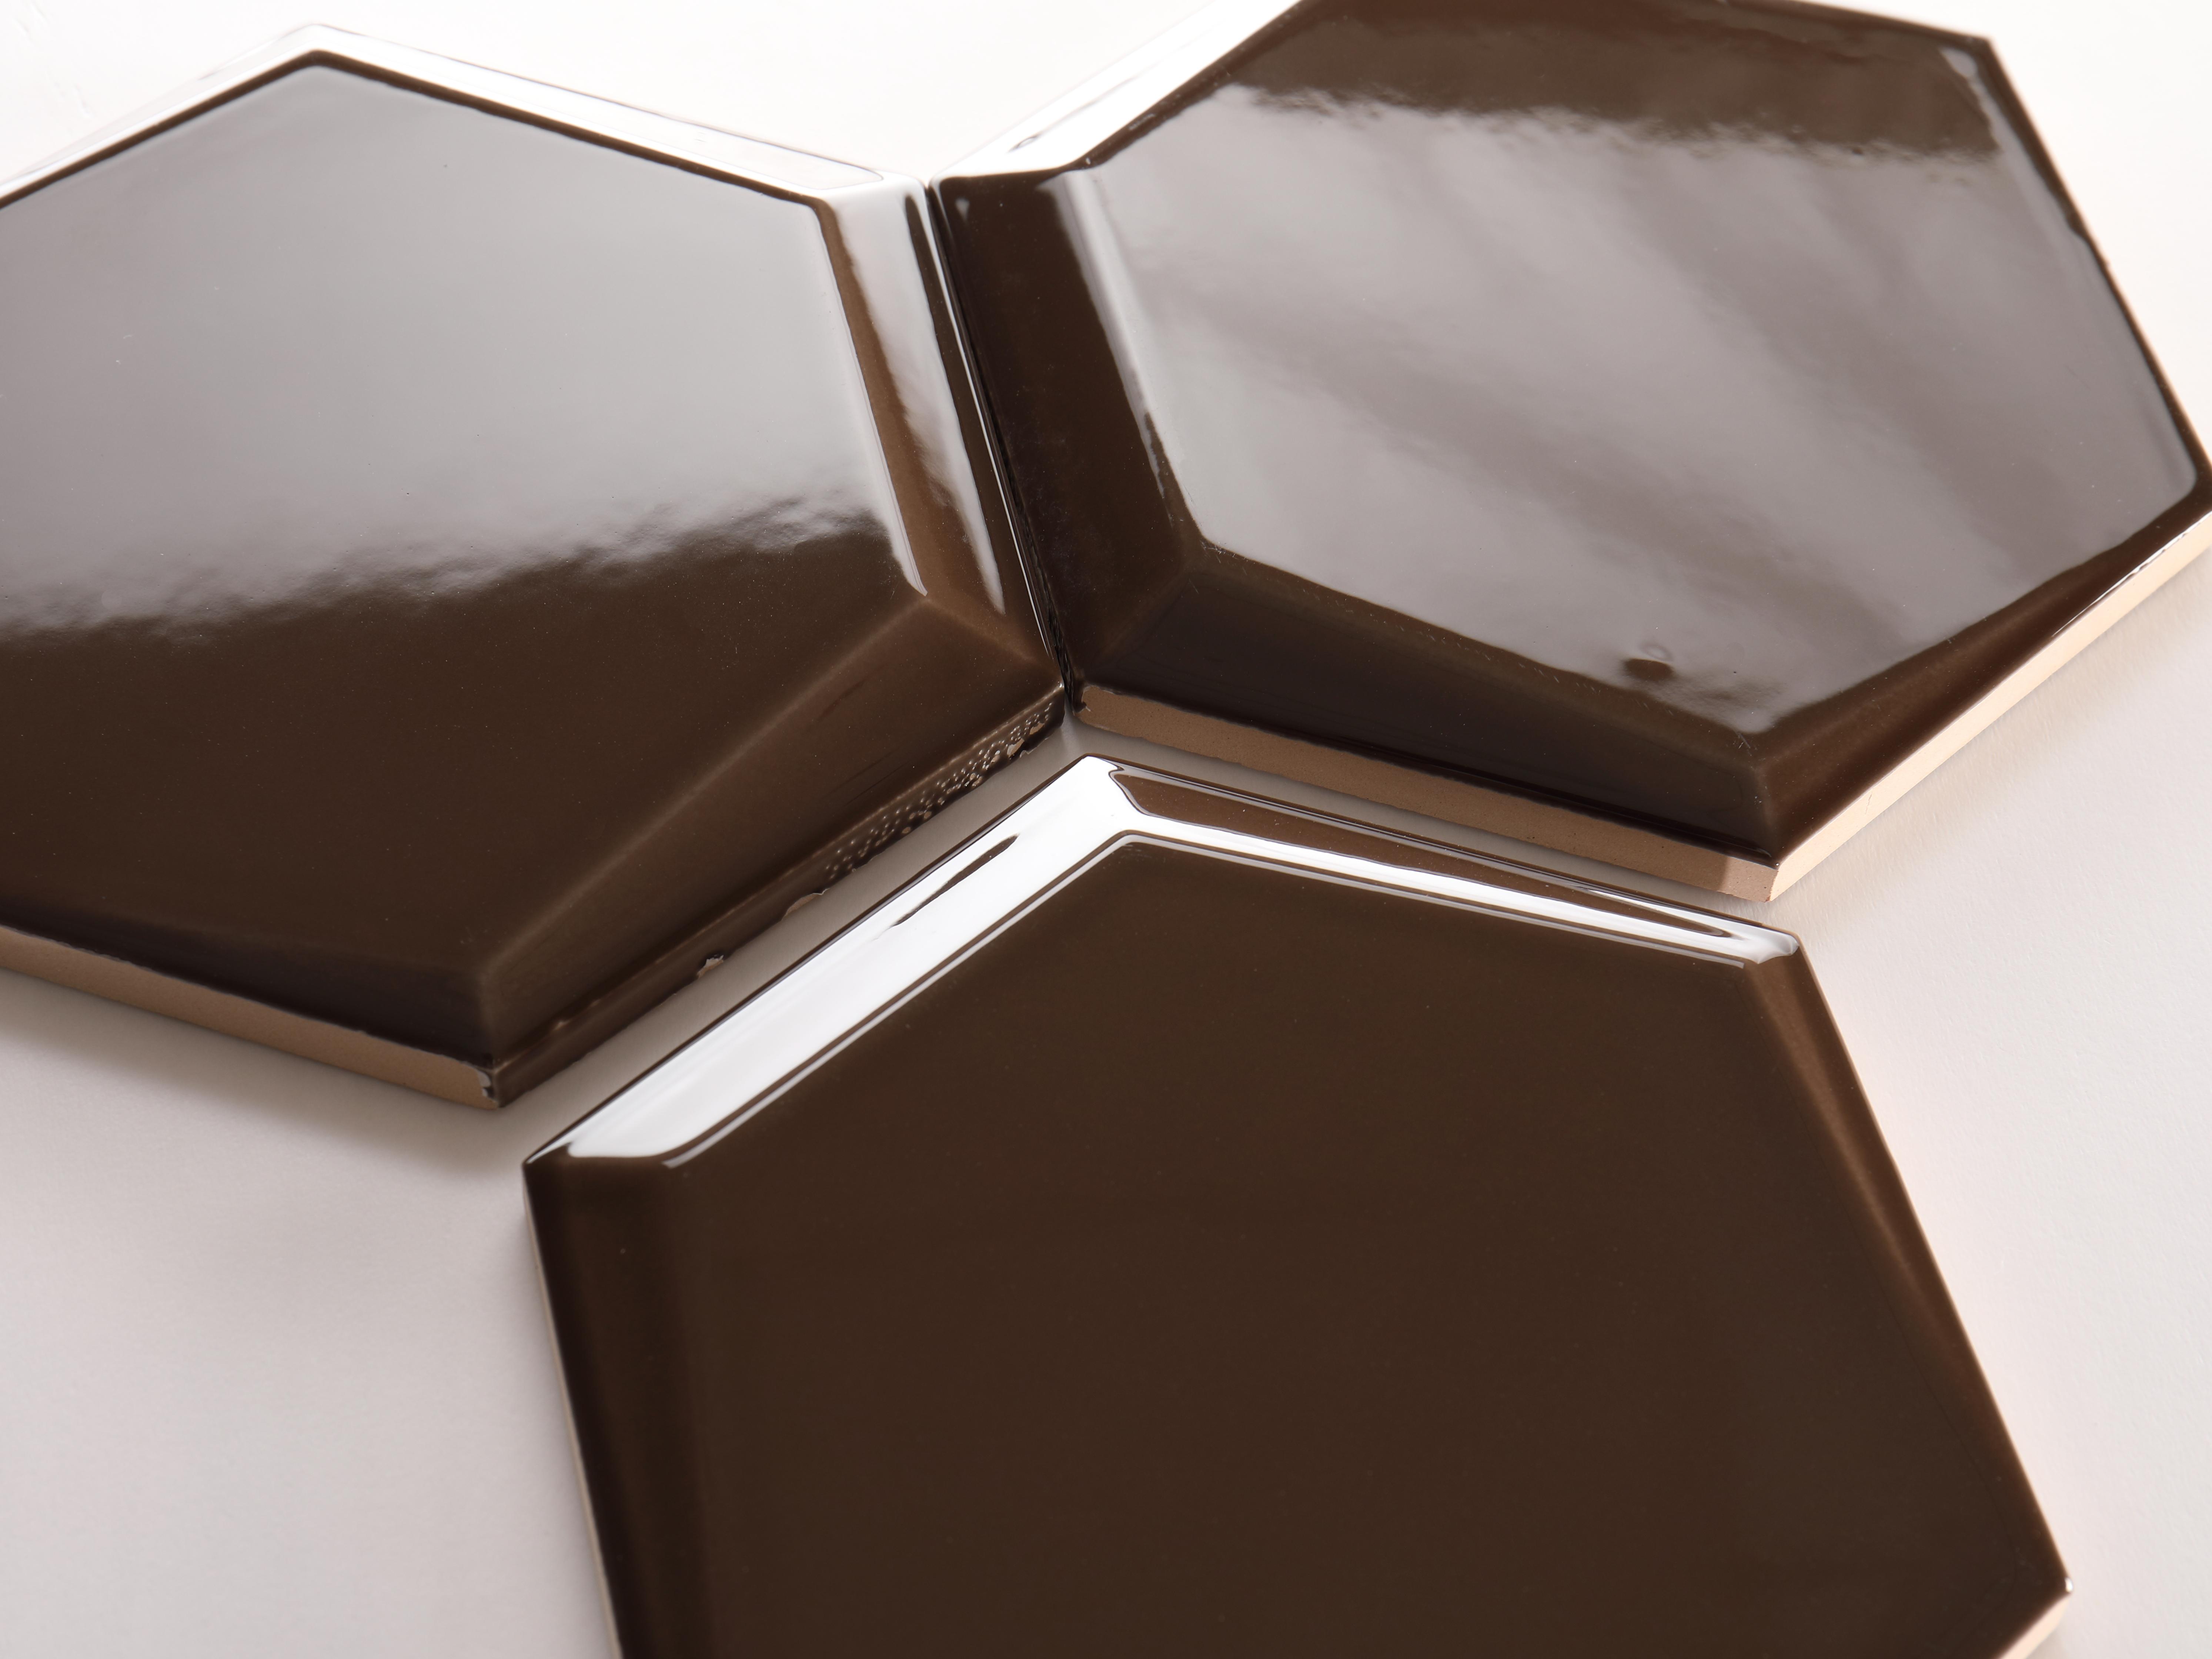 Gạch lục giác màu cà phê đậm bóng vát 87*173*150mm M1715813